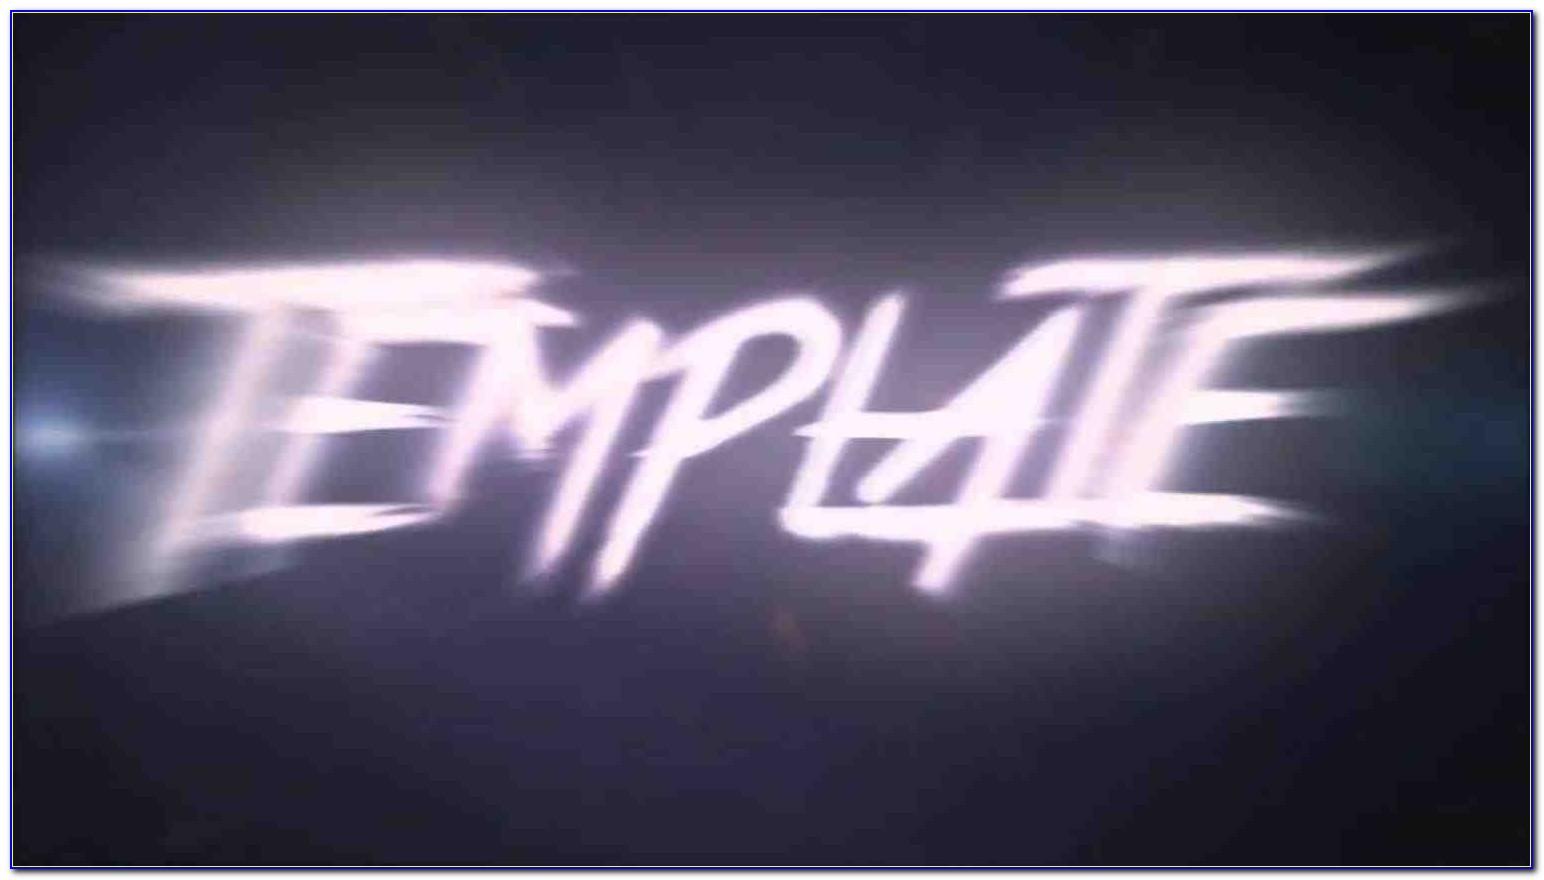 Video Intro Templates Adobe Premiere